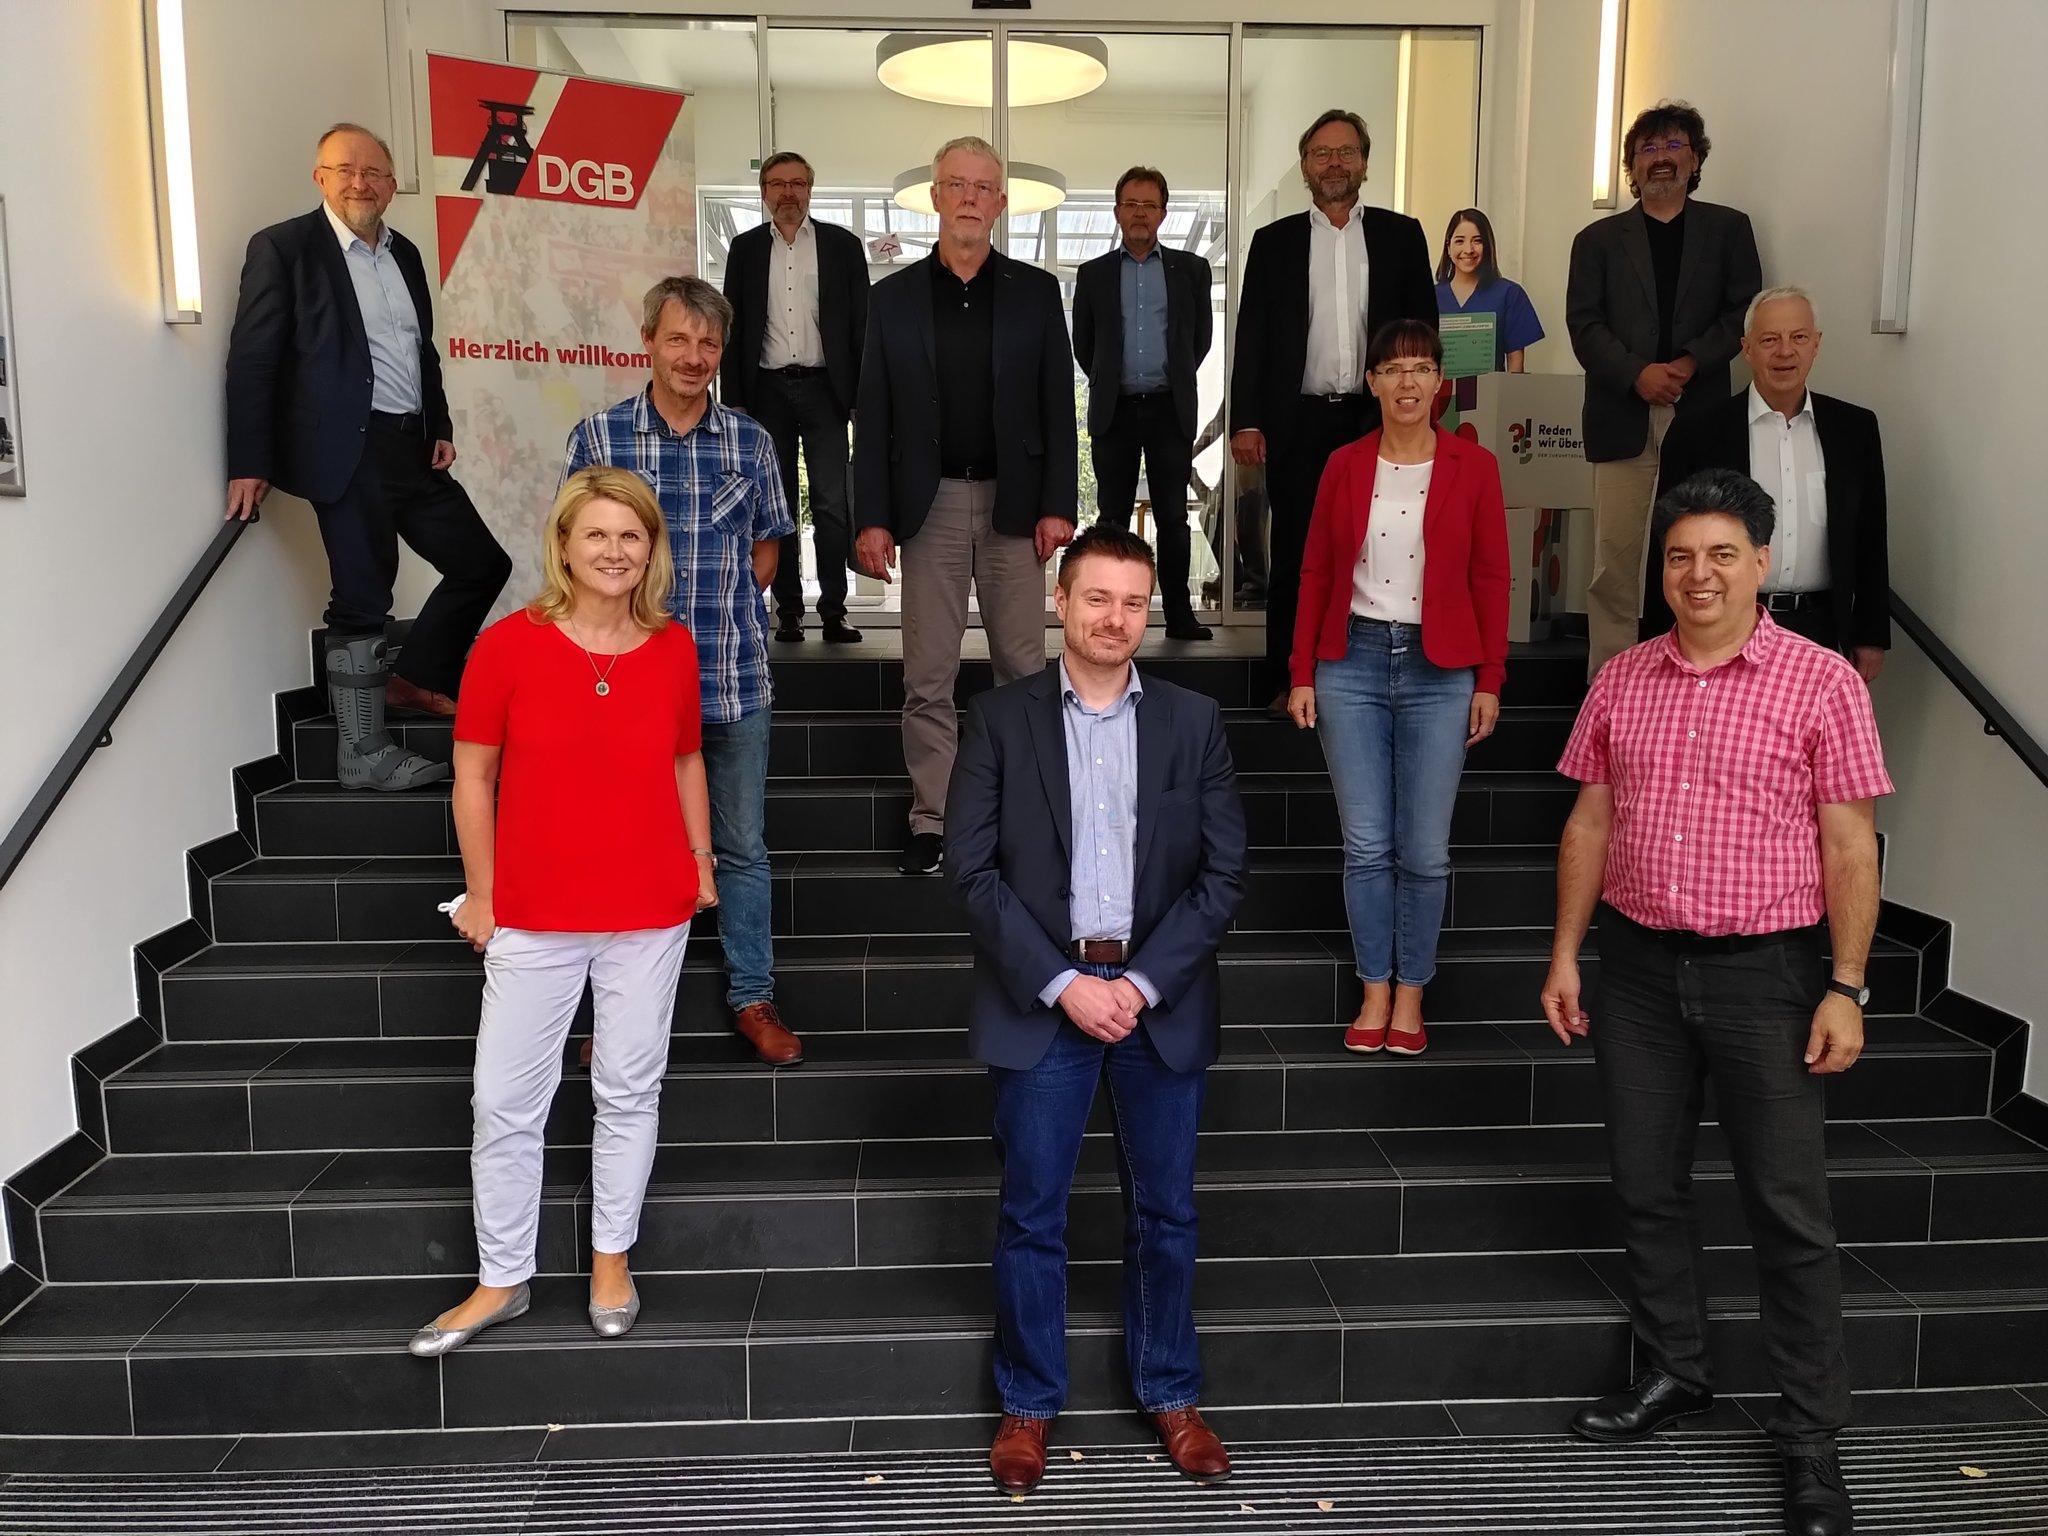 Gruppenbild mit DGB und Ruhr-SPD MdBs